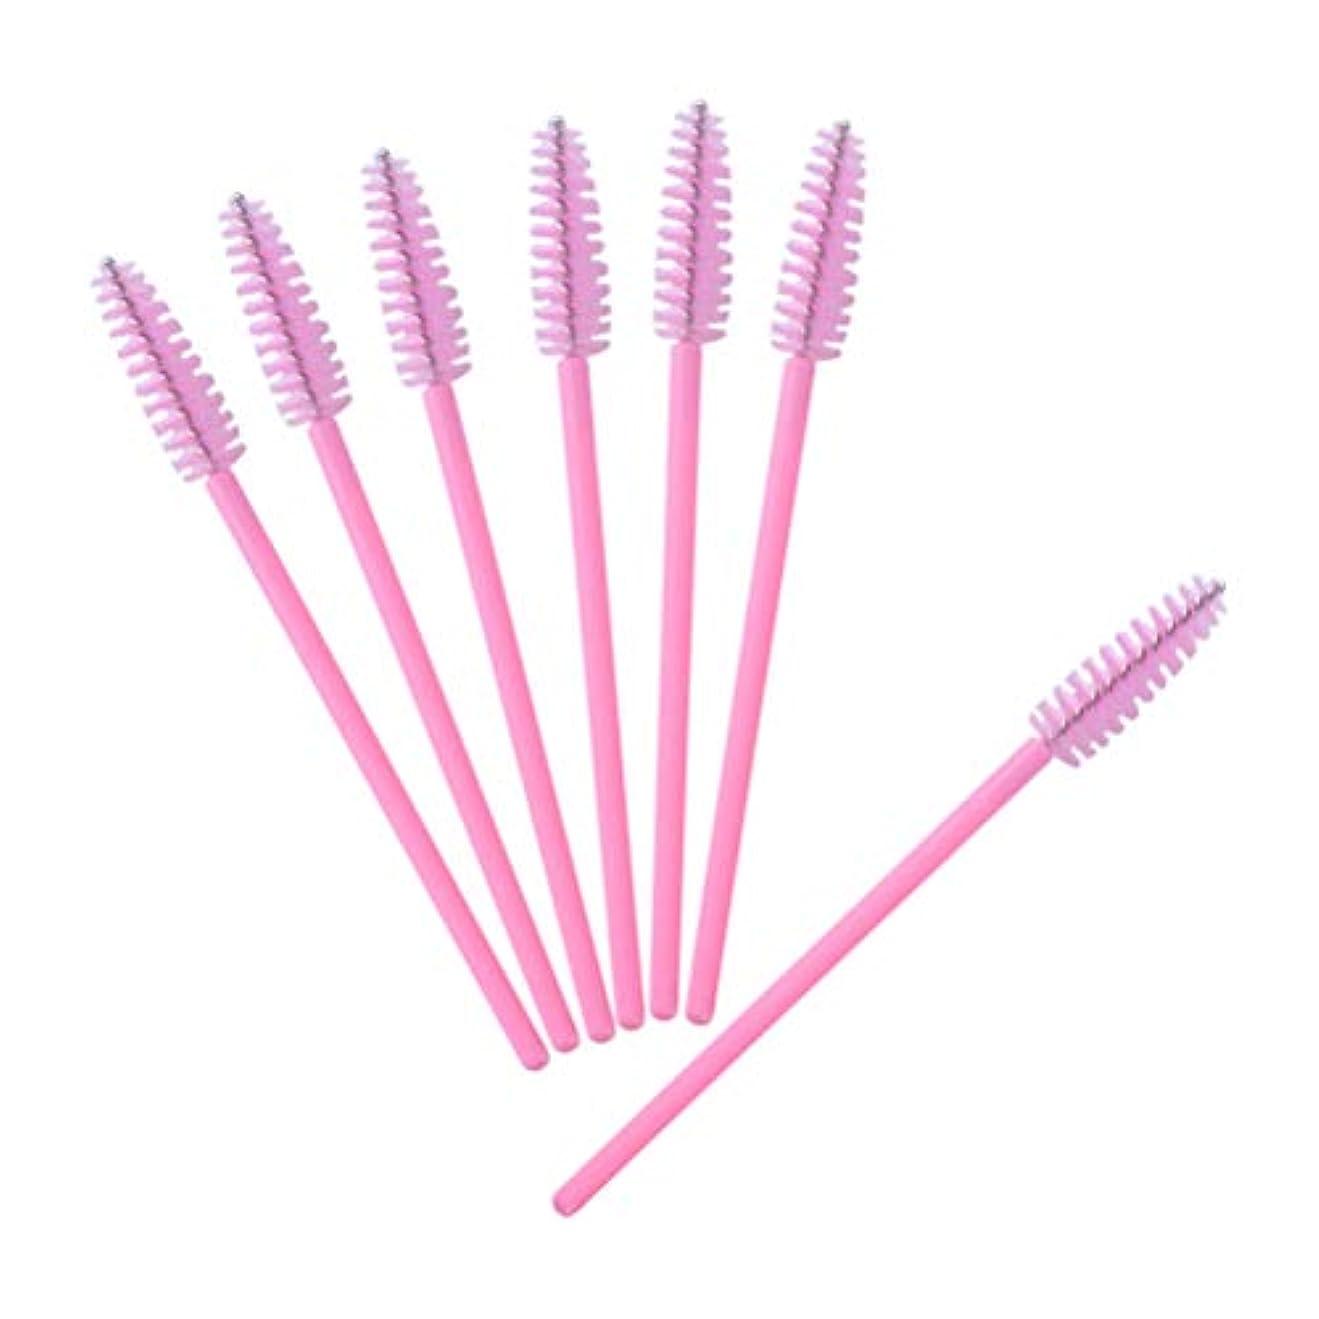 NUOLUX 使い捨て まつげブラシ 眉ブラシ スクリューブラシ マスカラブラシ 多用途 まつげコーム メイクアップブラシ 50本セット(ピンク)